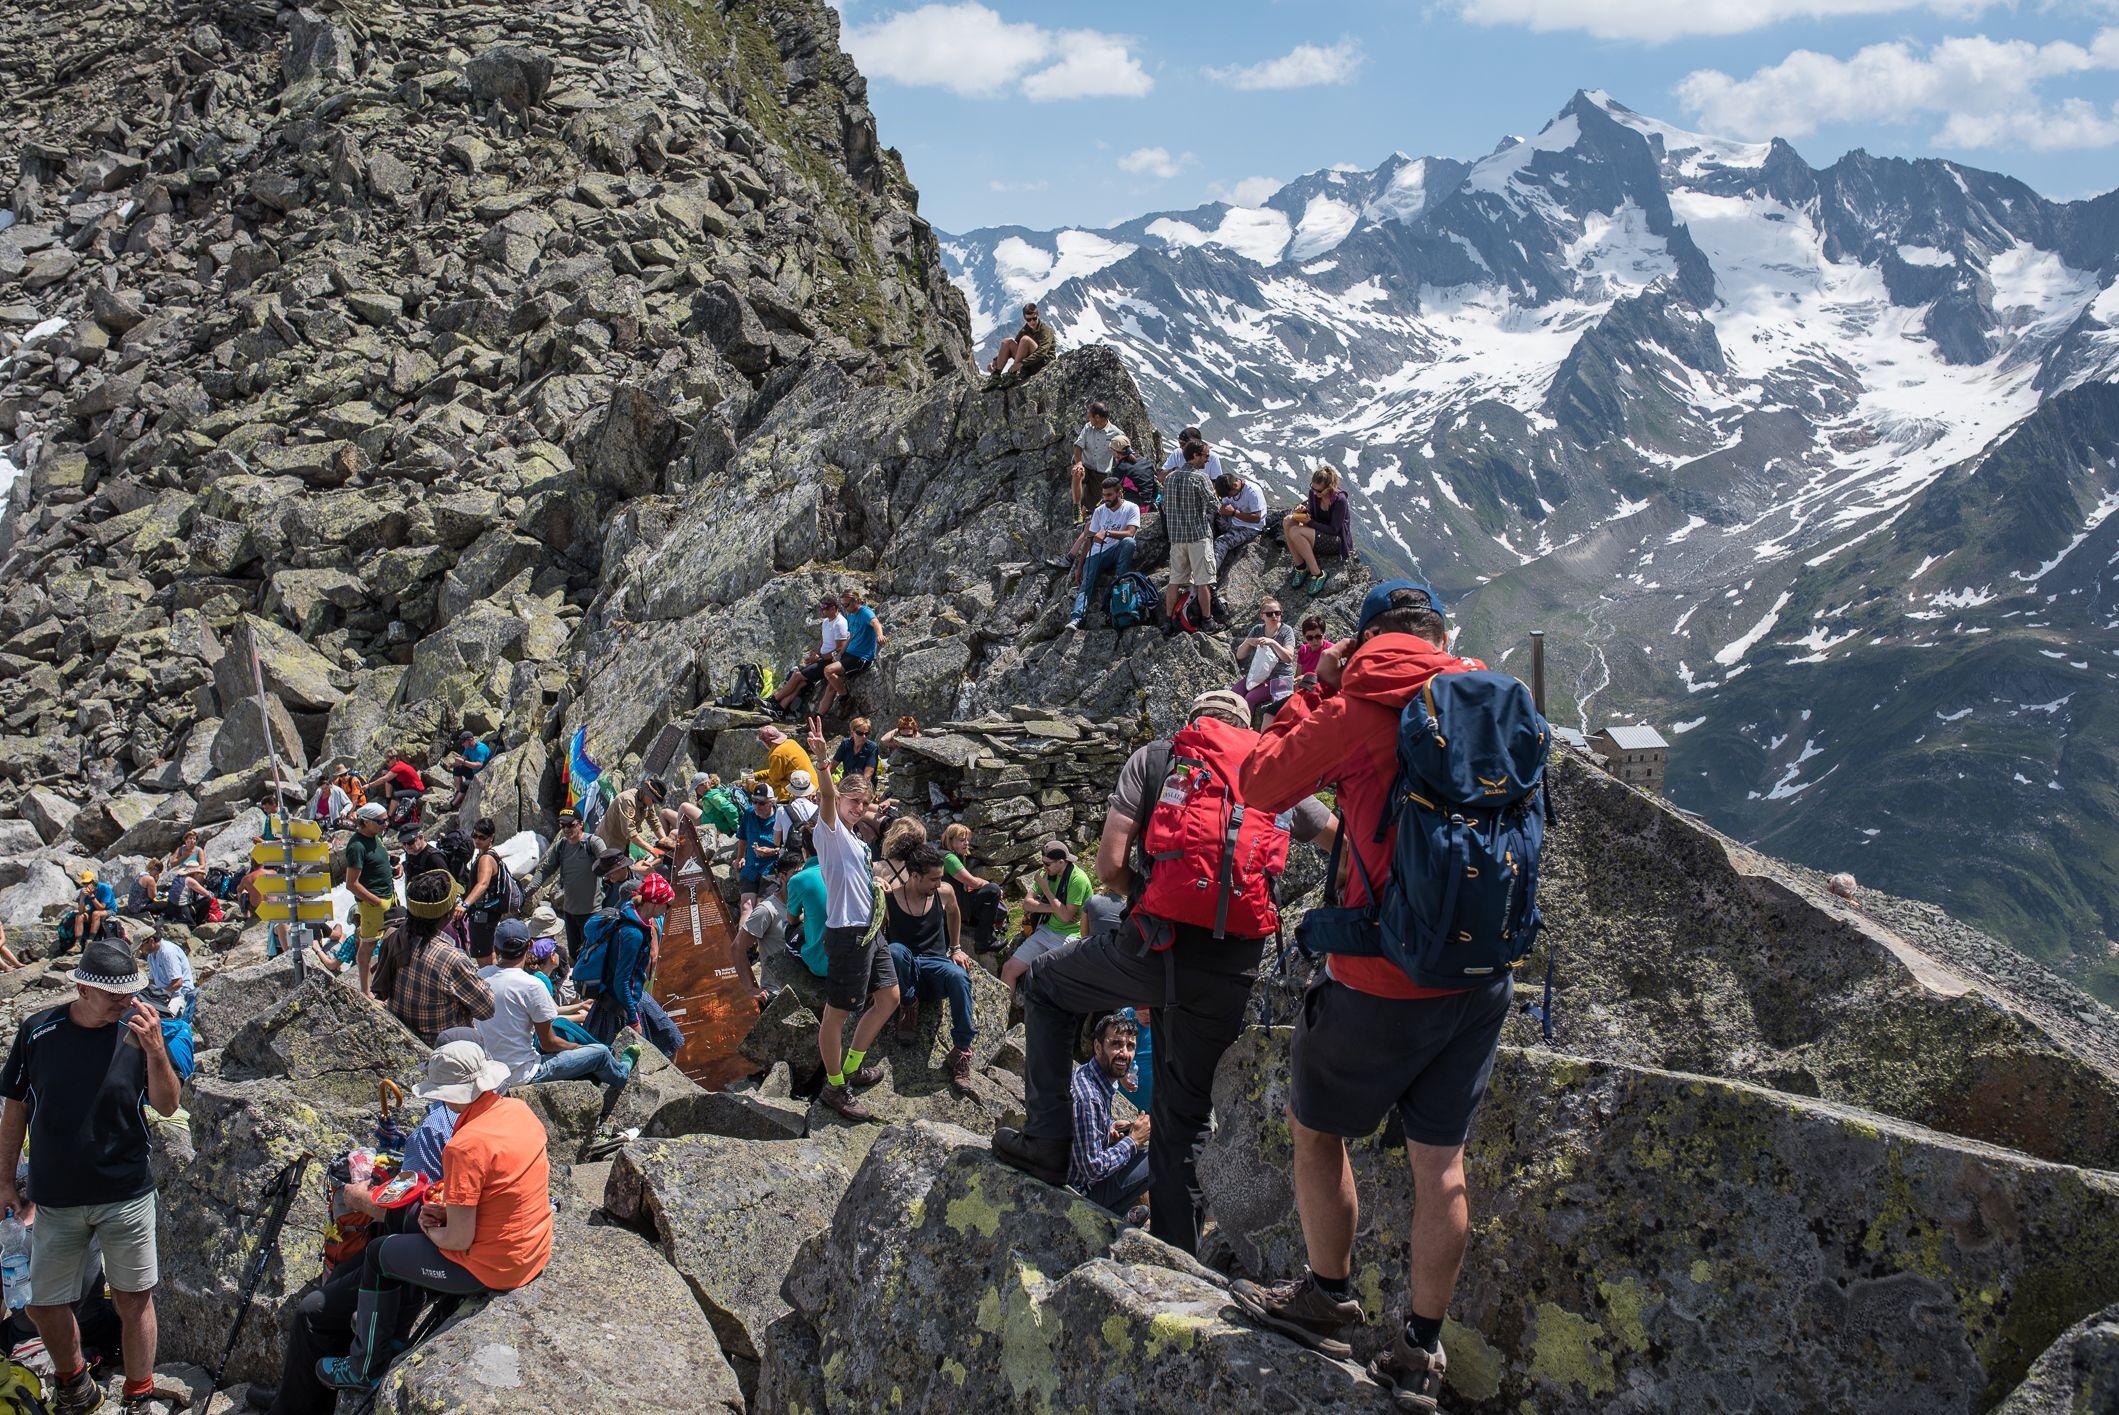 Gipfelerlebnis Beim Alpine Peacecrossing Im Sommer C Moritz Nachtschafft Tourismusverband Krimml